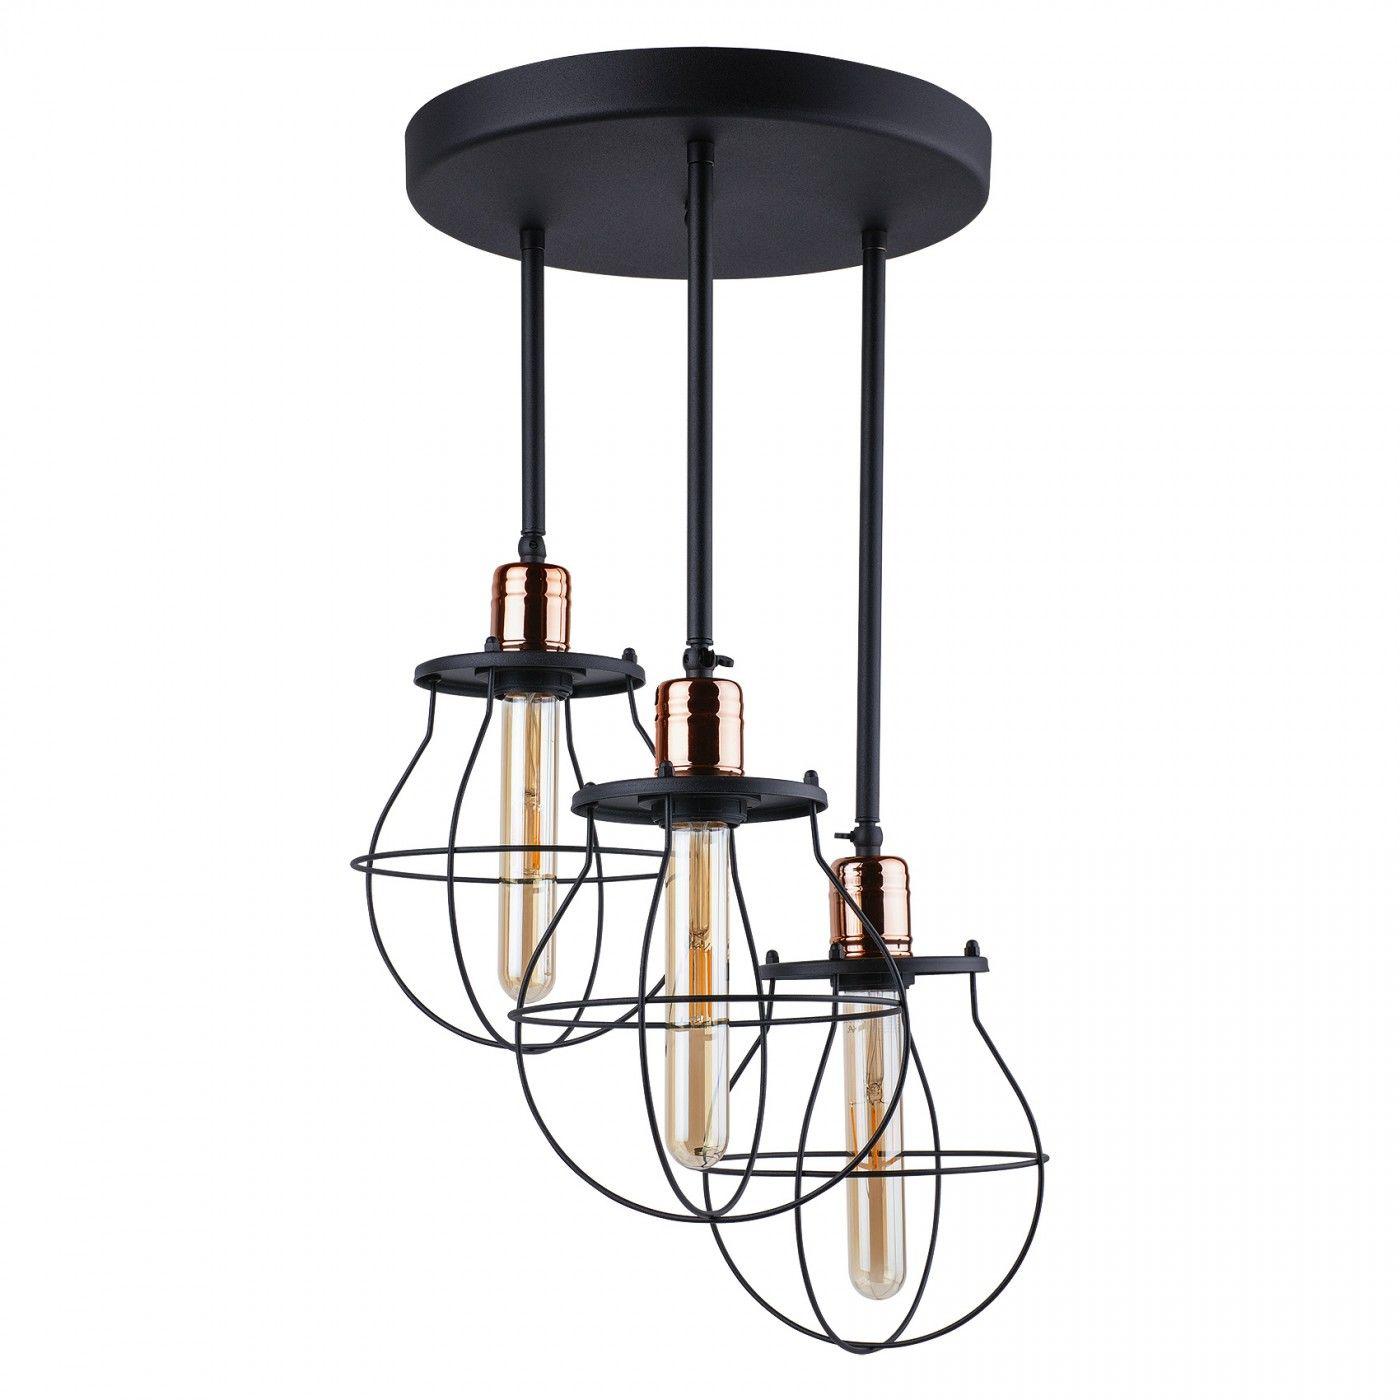 Plafon Manufacture 9740 Nowodvorski Lighting czarno-miedziana potrójna oprawa w stylu loft